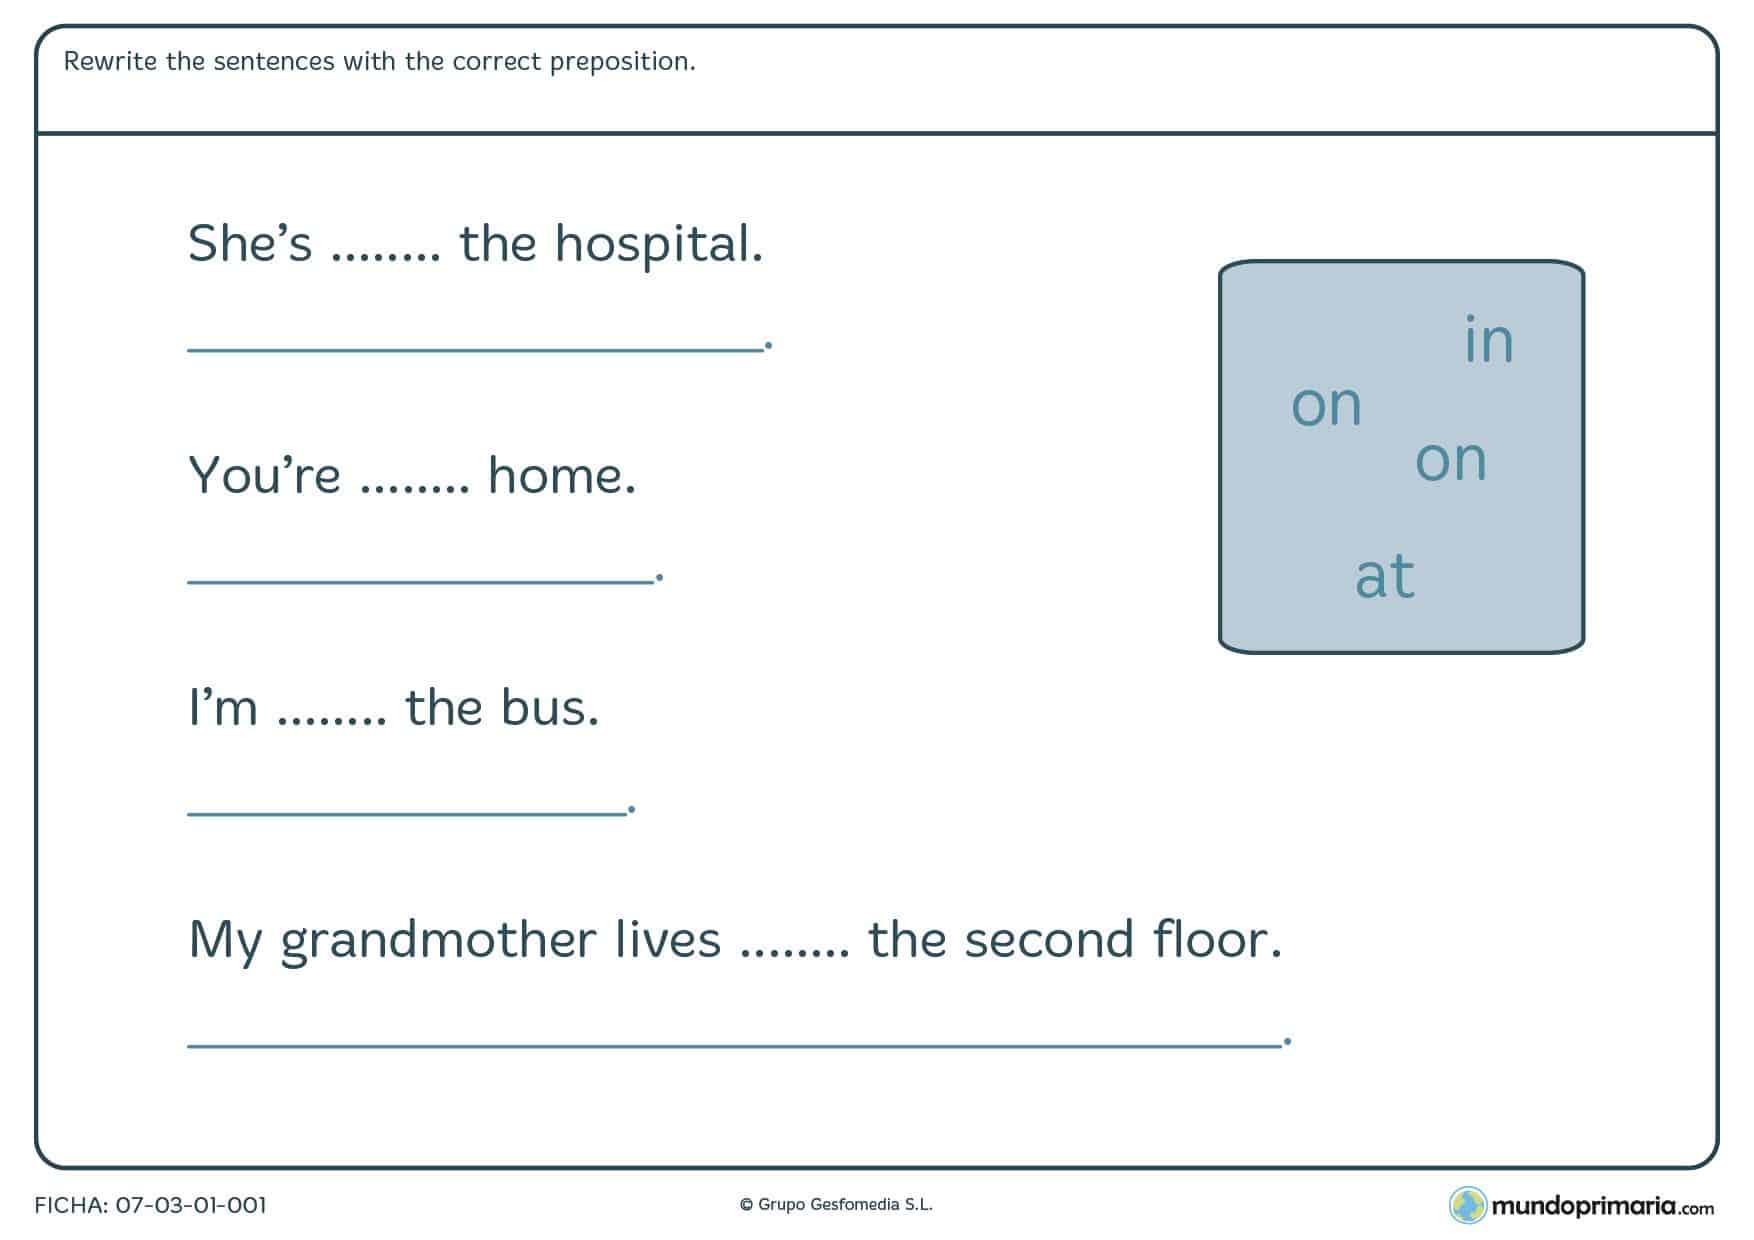 Ficha de las preposiciones en inglés en la que debes colocar en los espacios en blanco la preposición adecuada de las que te ofrecemos.